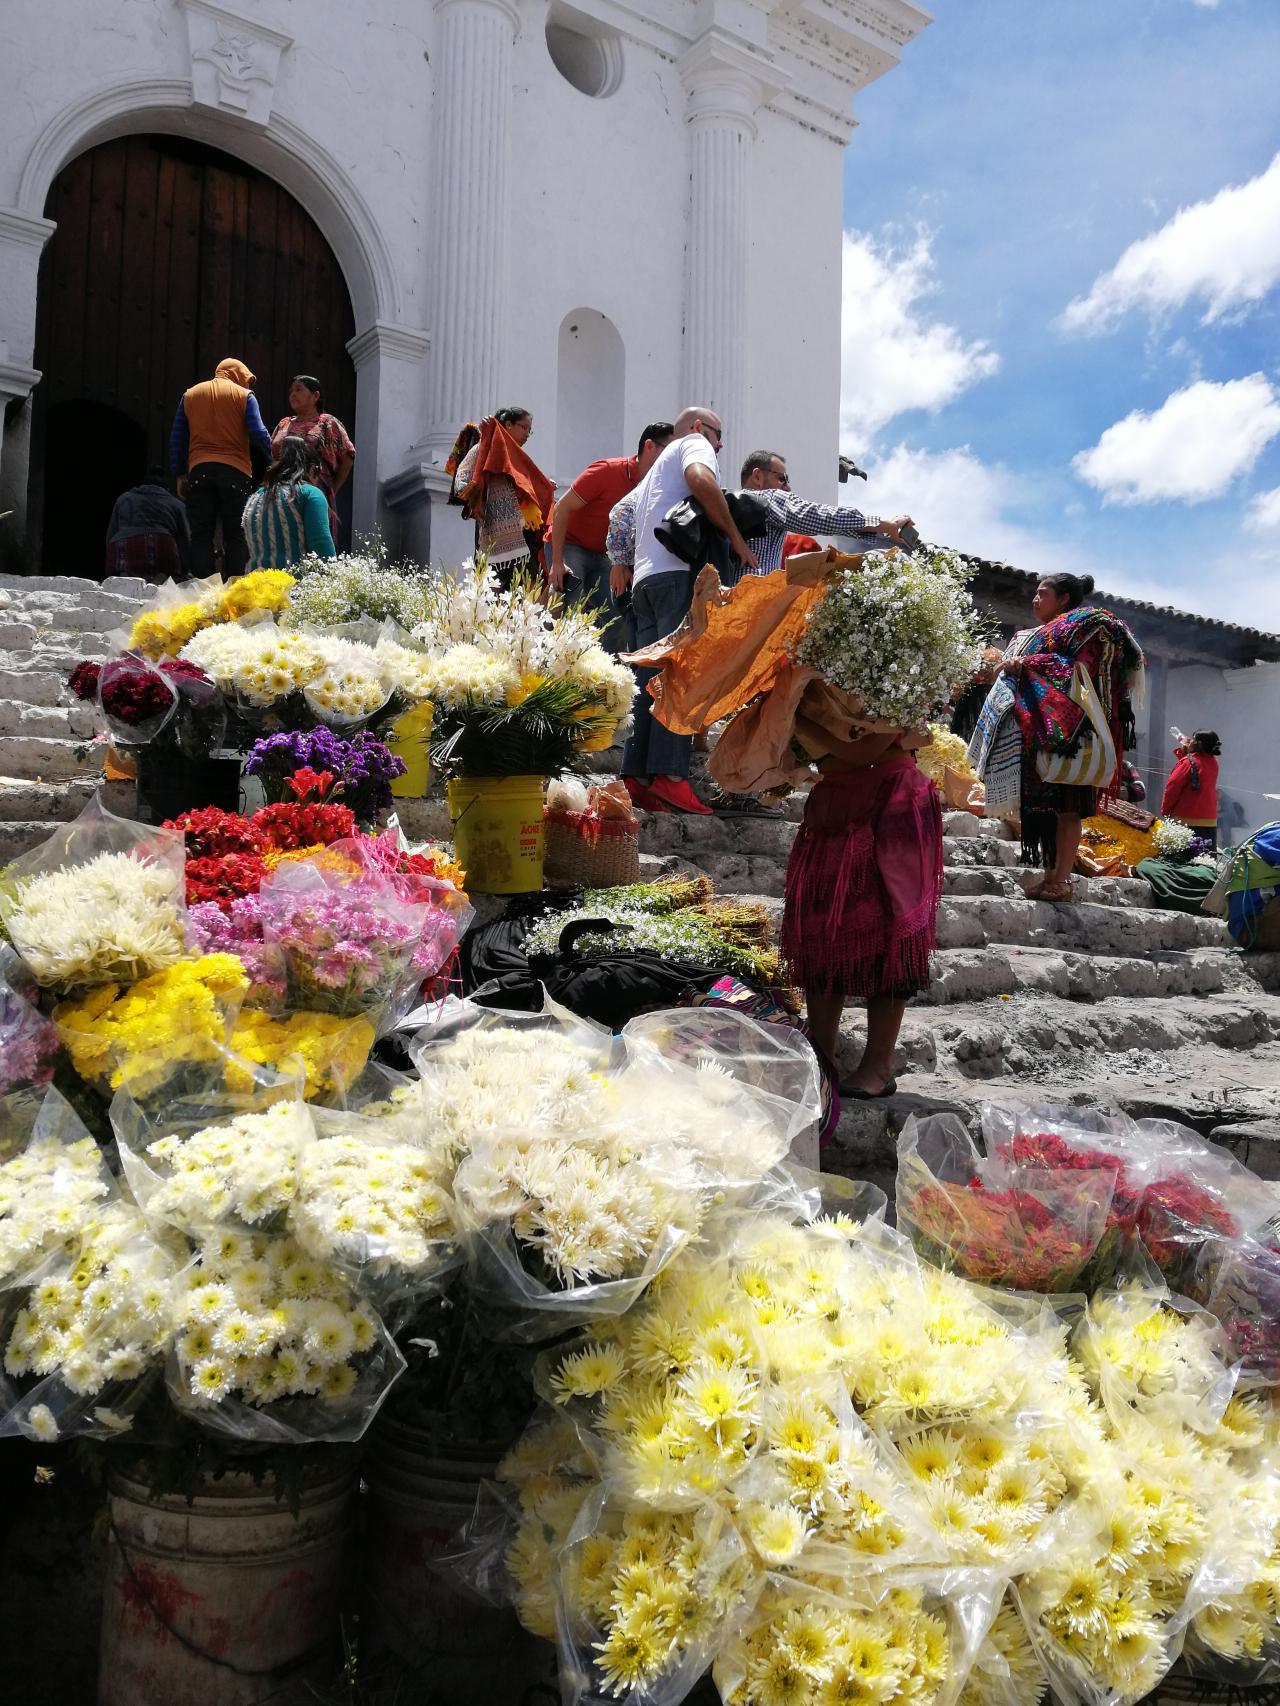 Photo 3: Le marché coloré de Chichicastenango au Guatemala